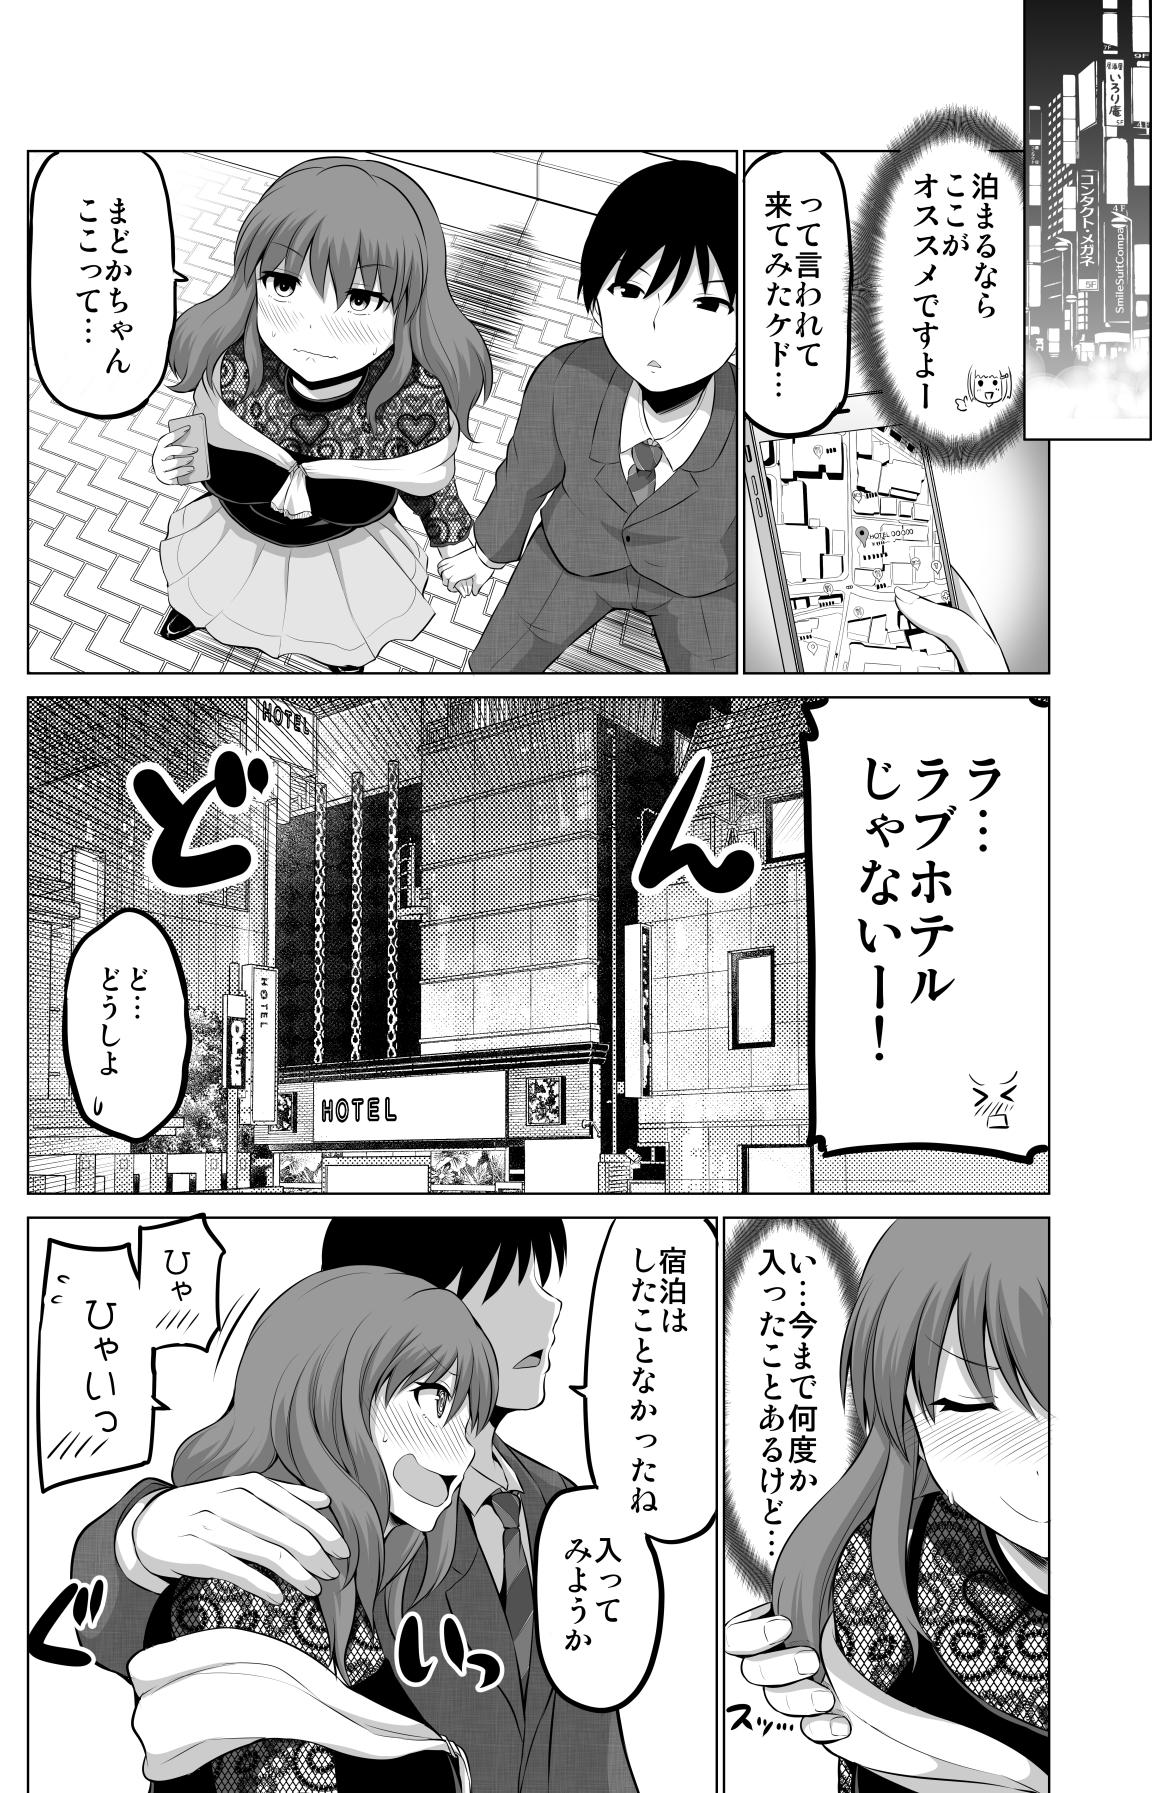 【第62話】防御力ゼロの嫁 ラブホテル編-1